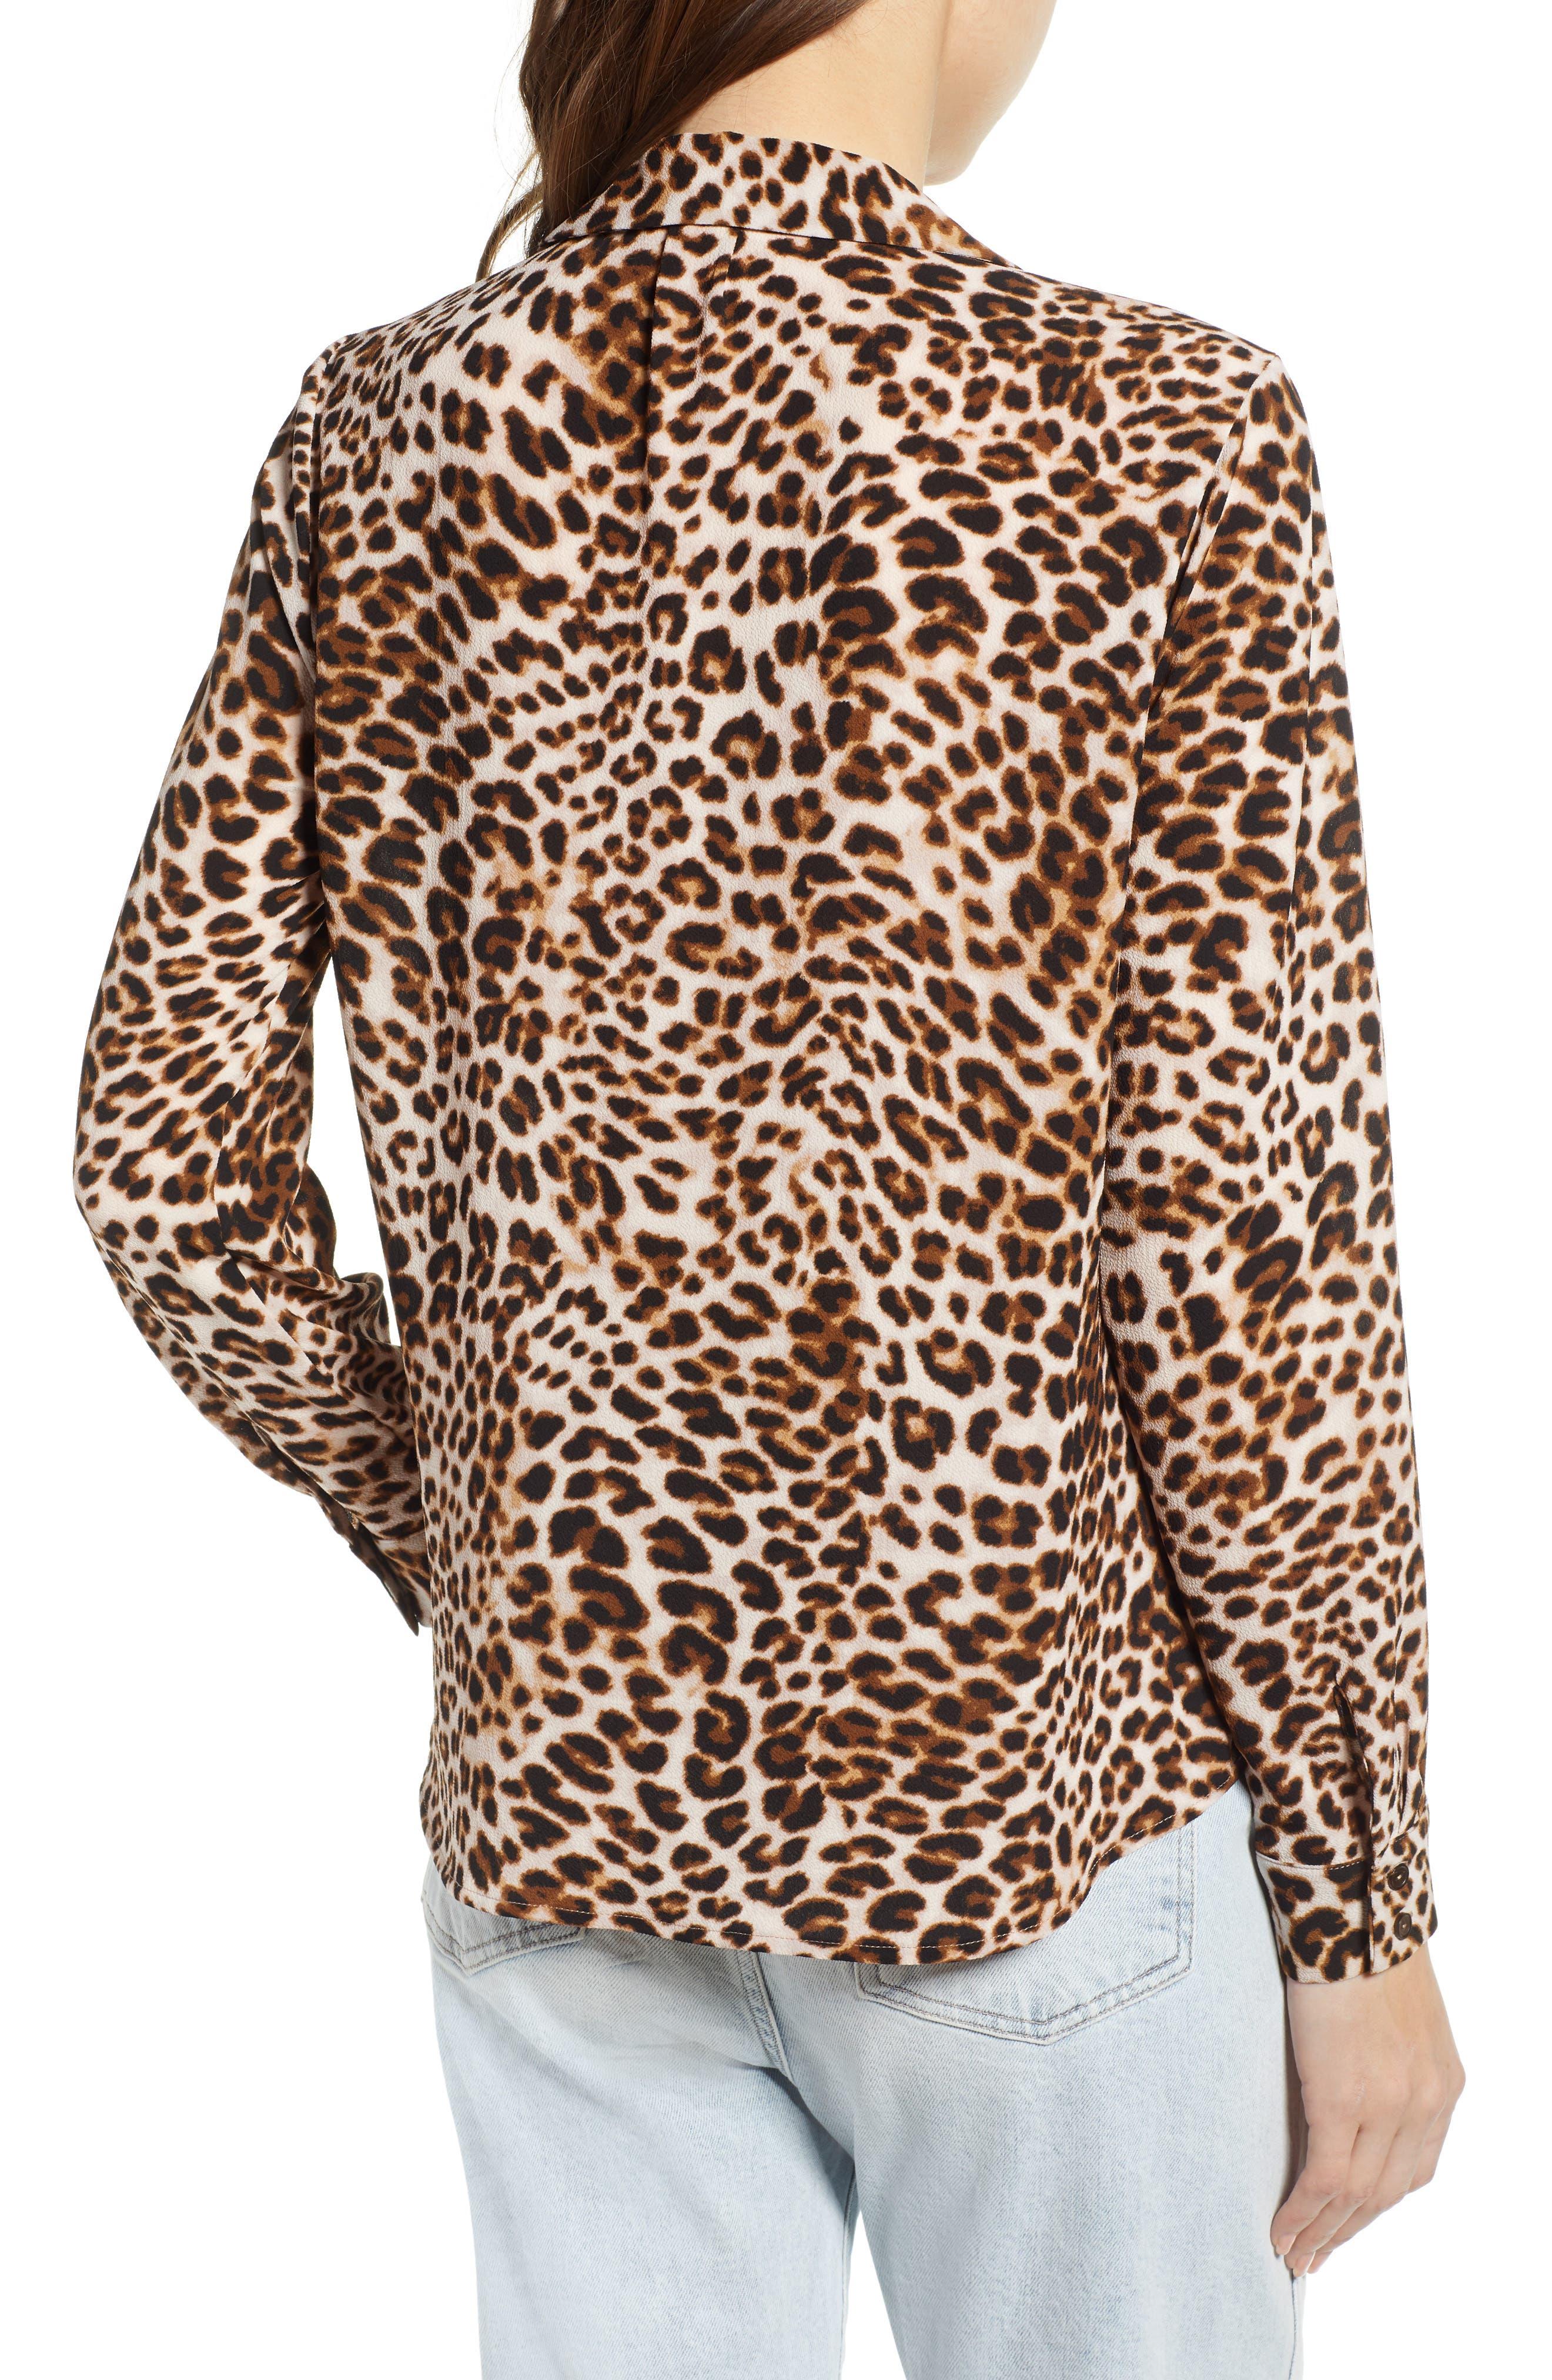 Patterned Drape Front Blouse,                             Alternate thumbnail 2, color,                             LEOPARD PRINT